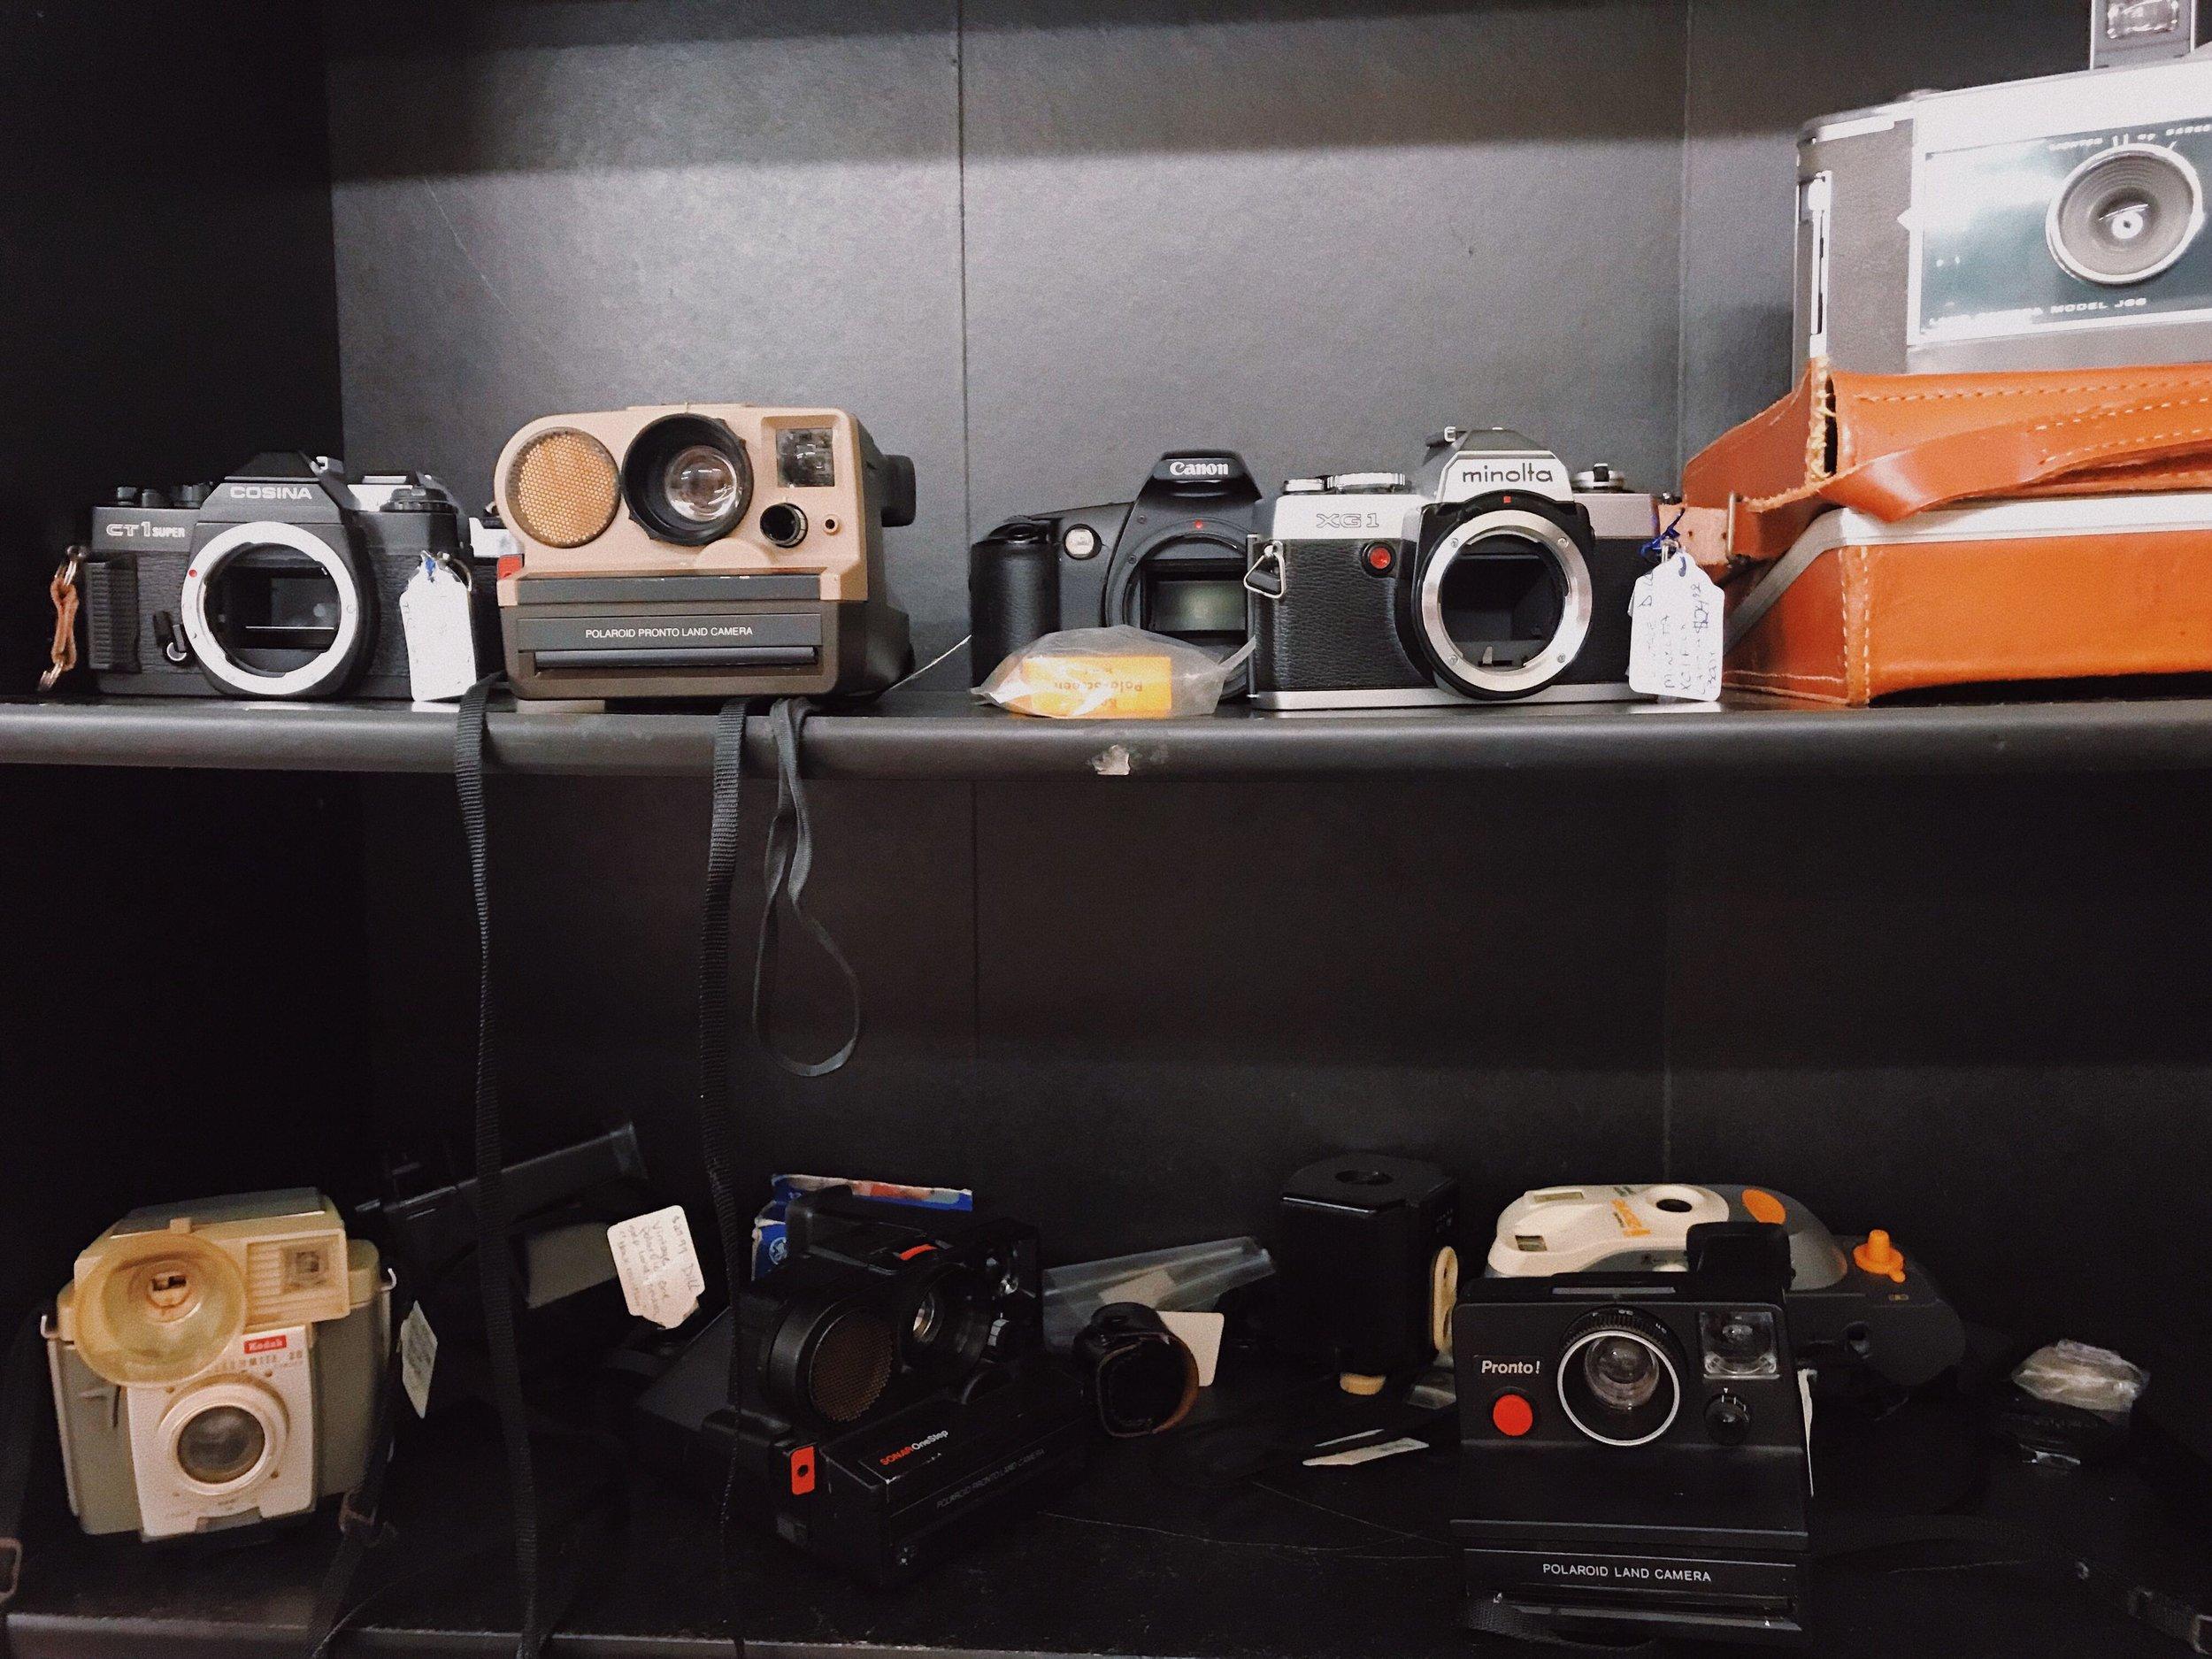 Vintage cameras on shelf